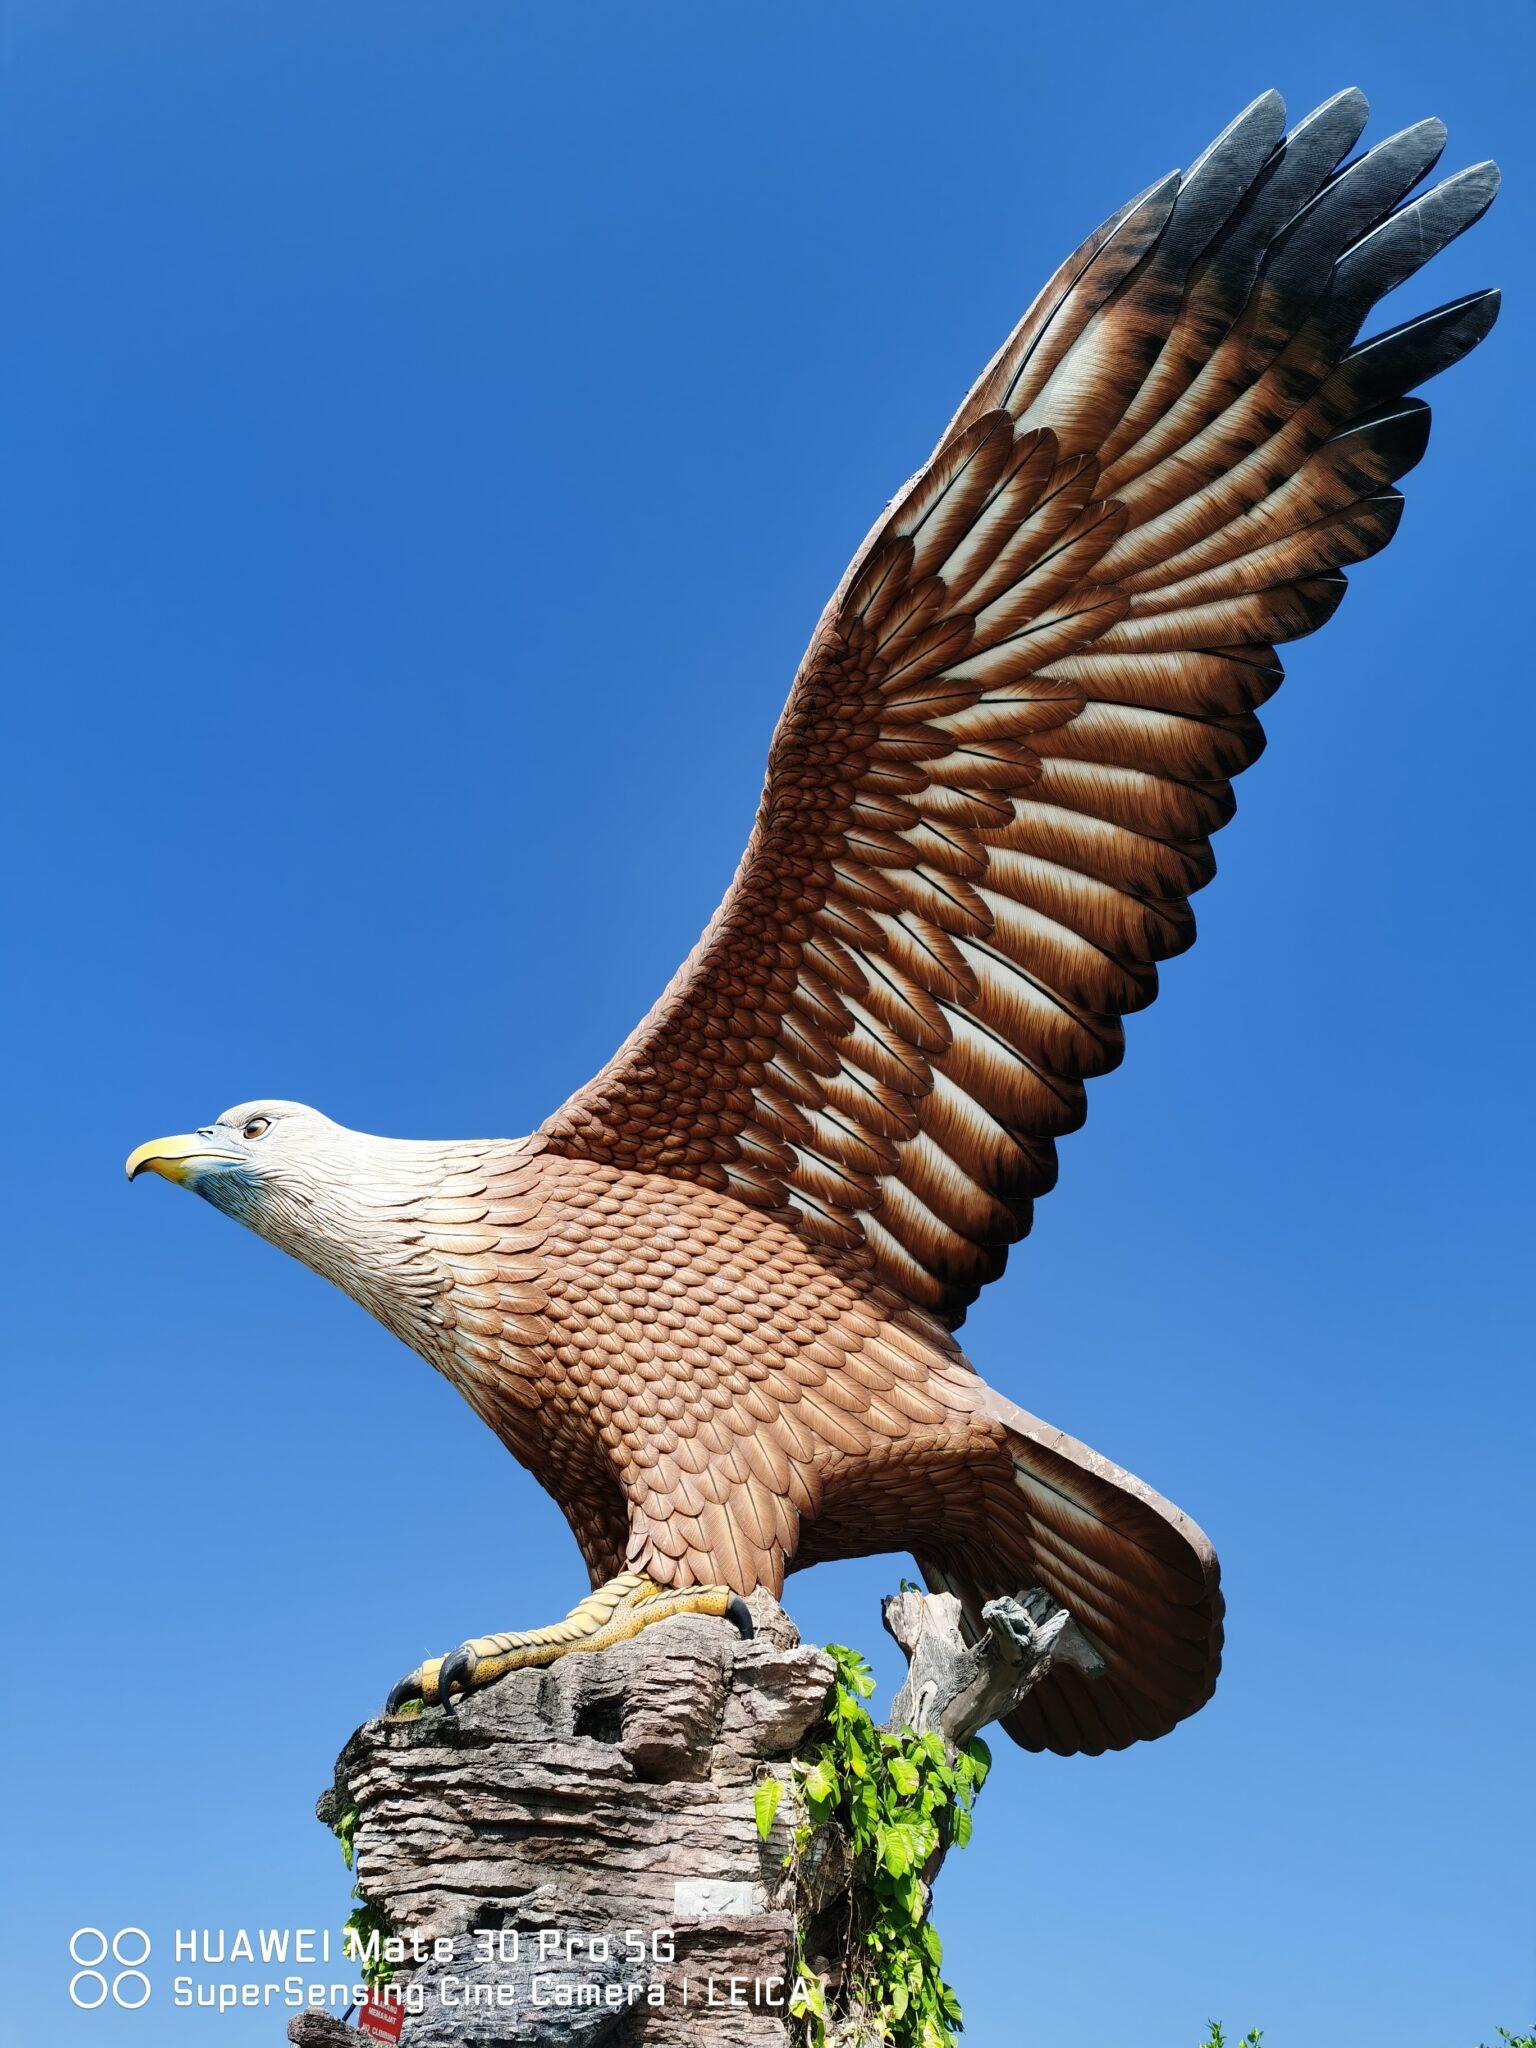 Mate30 Pro 5G eagle